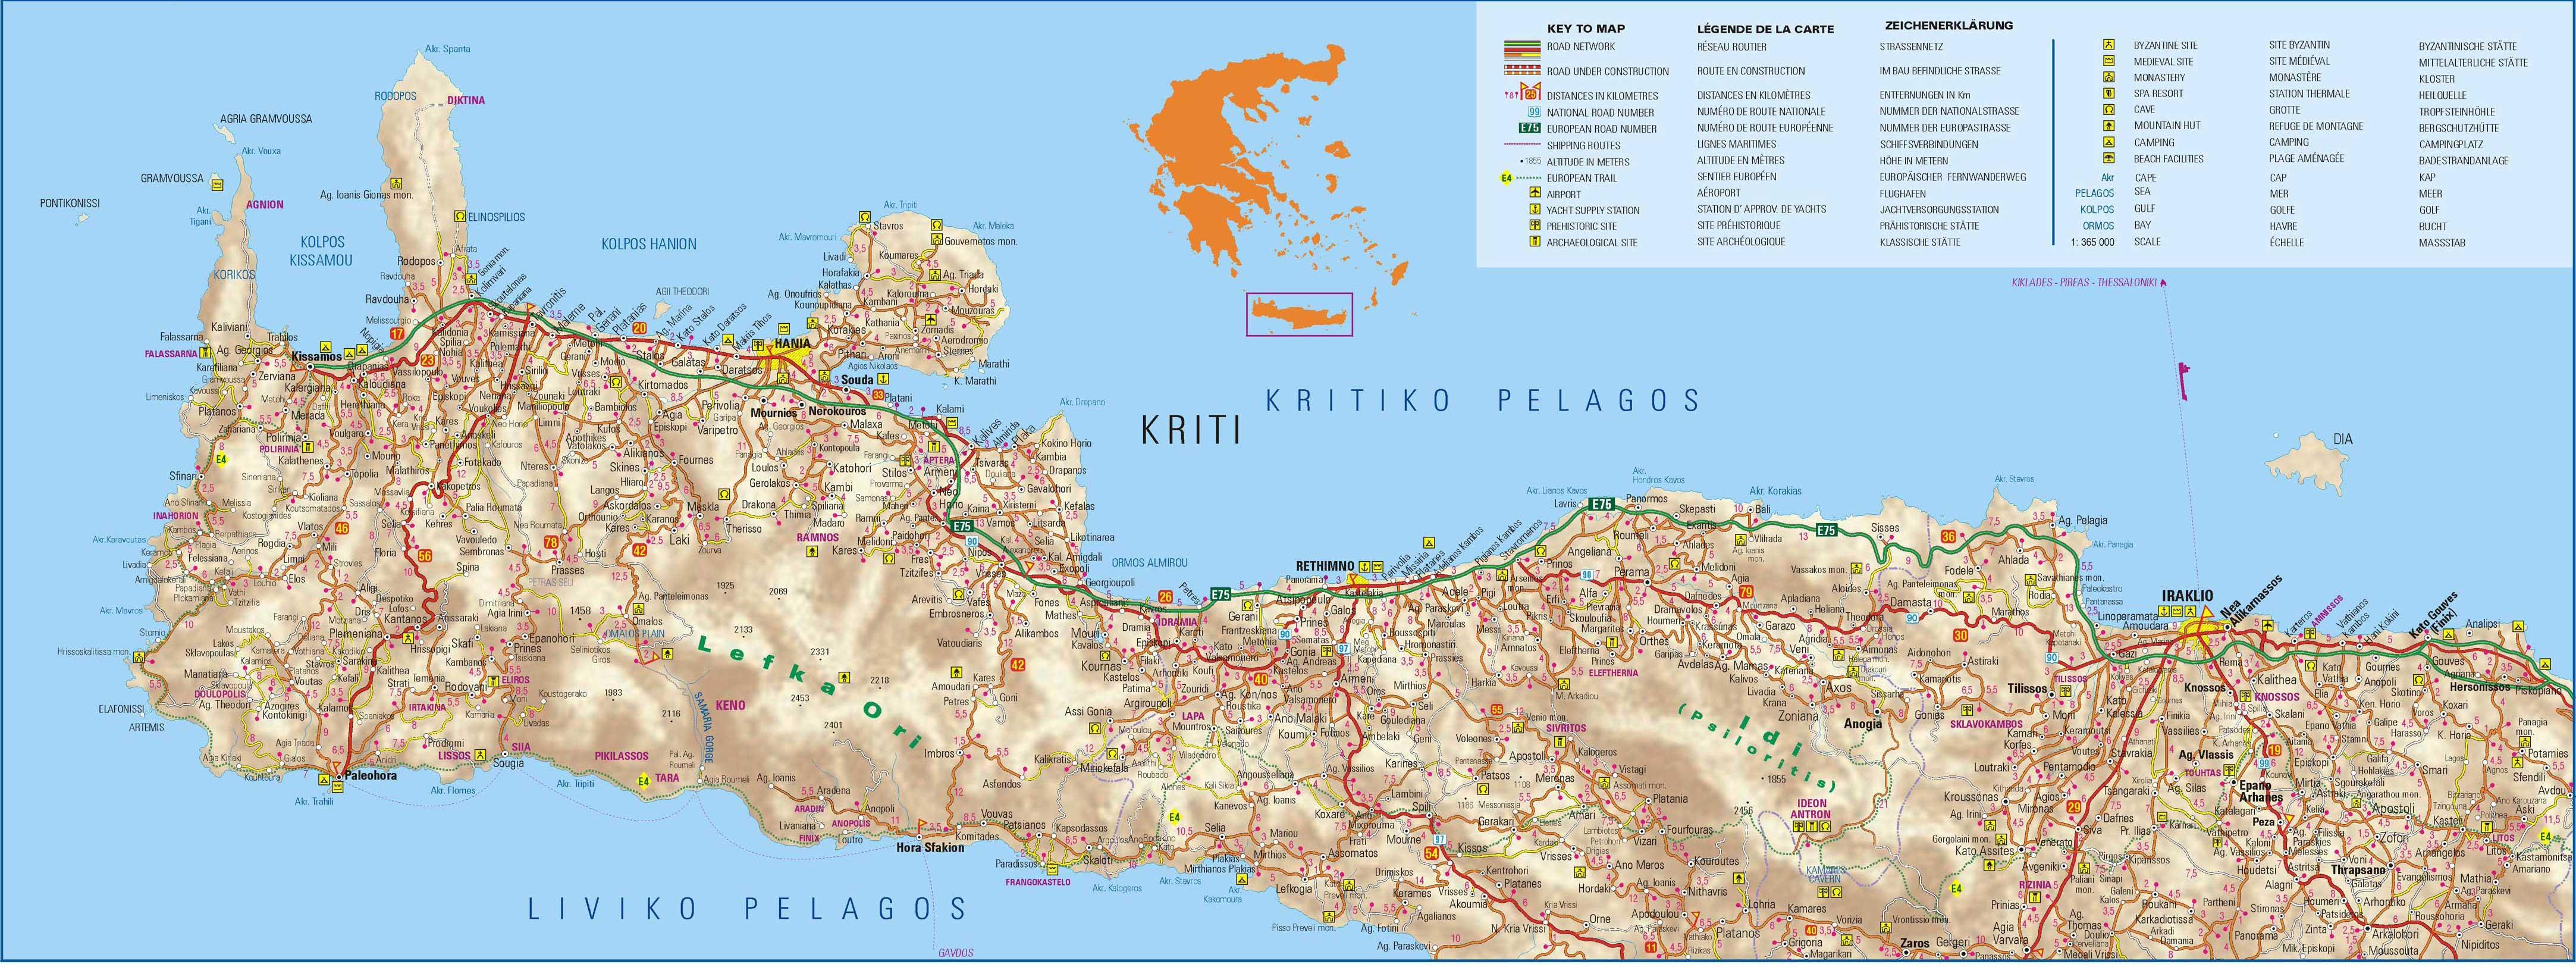 creta mapa Mapa de Creta | Grecia   GrecoTour creta mapa